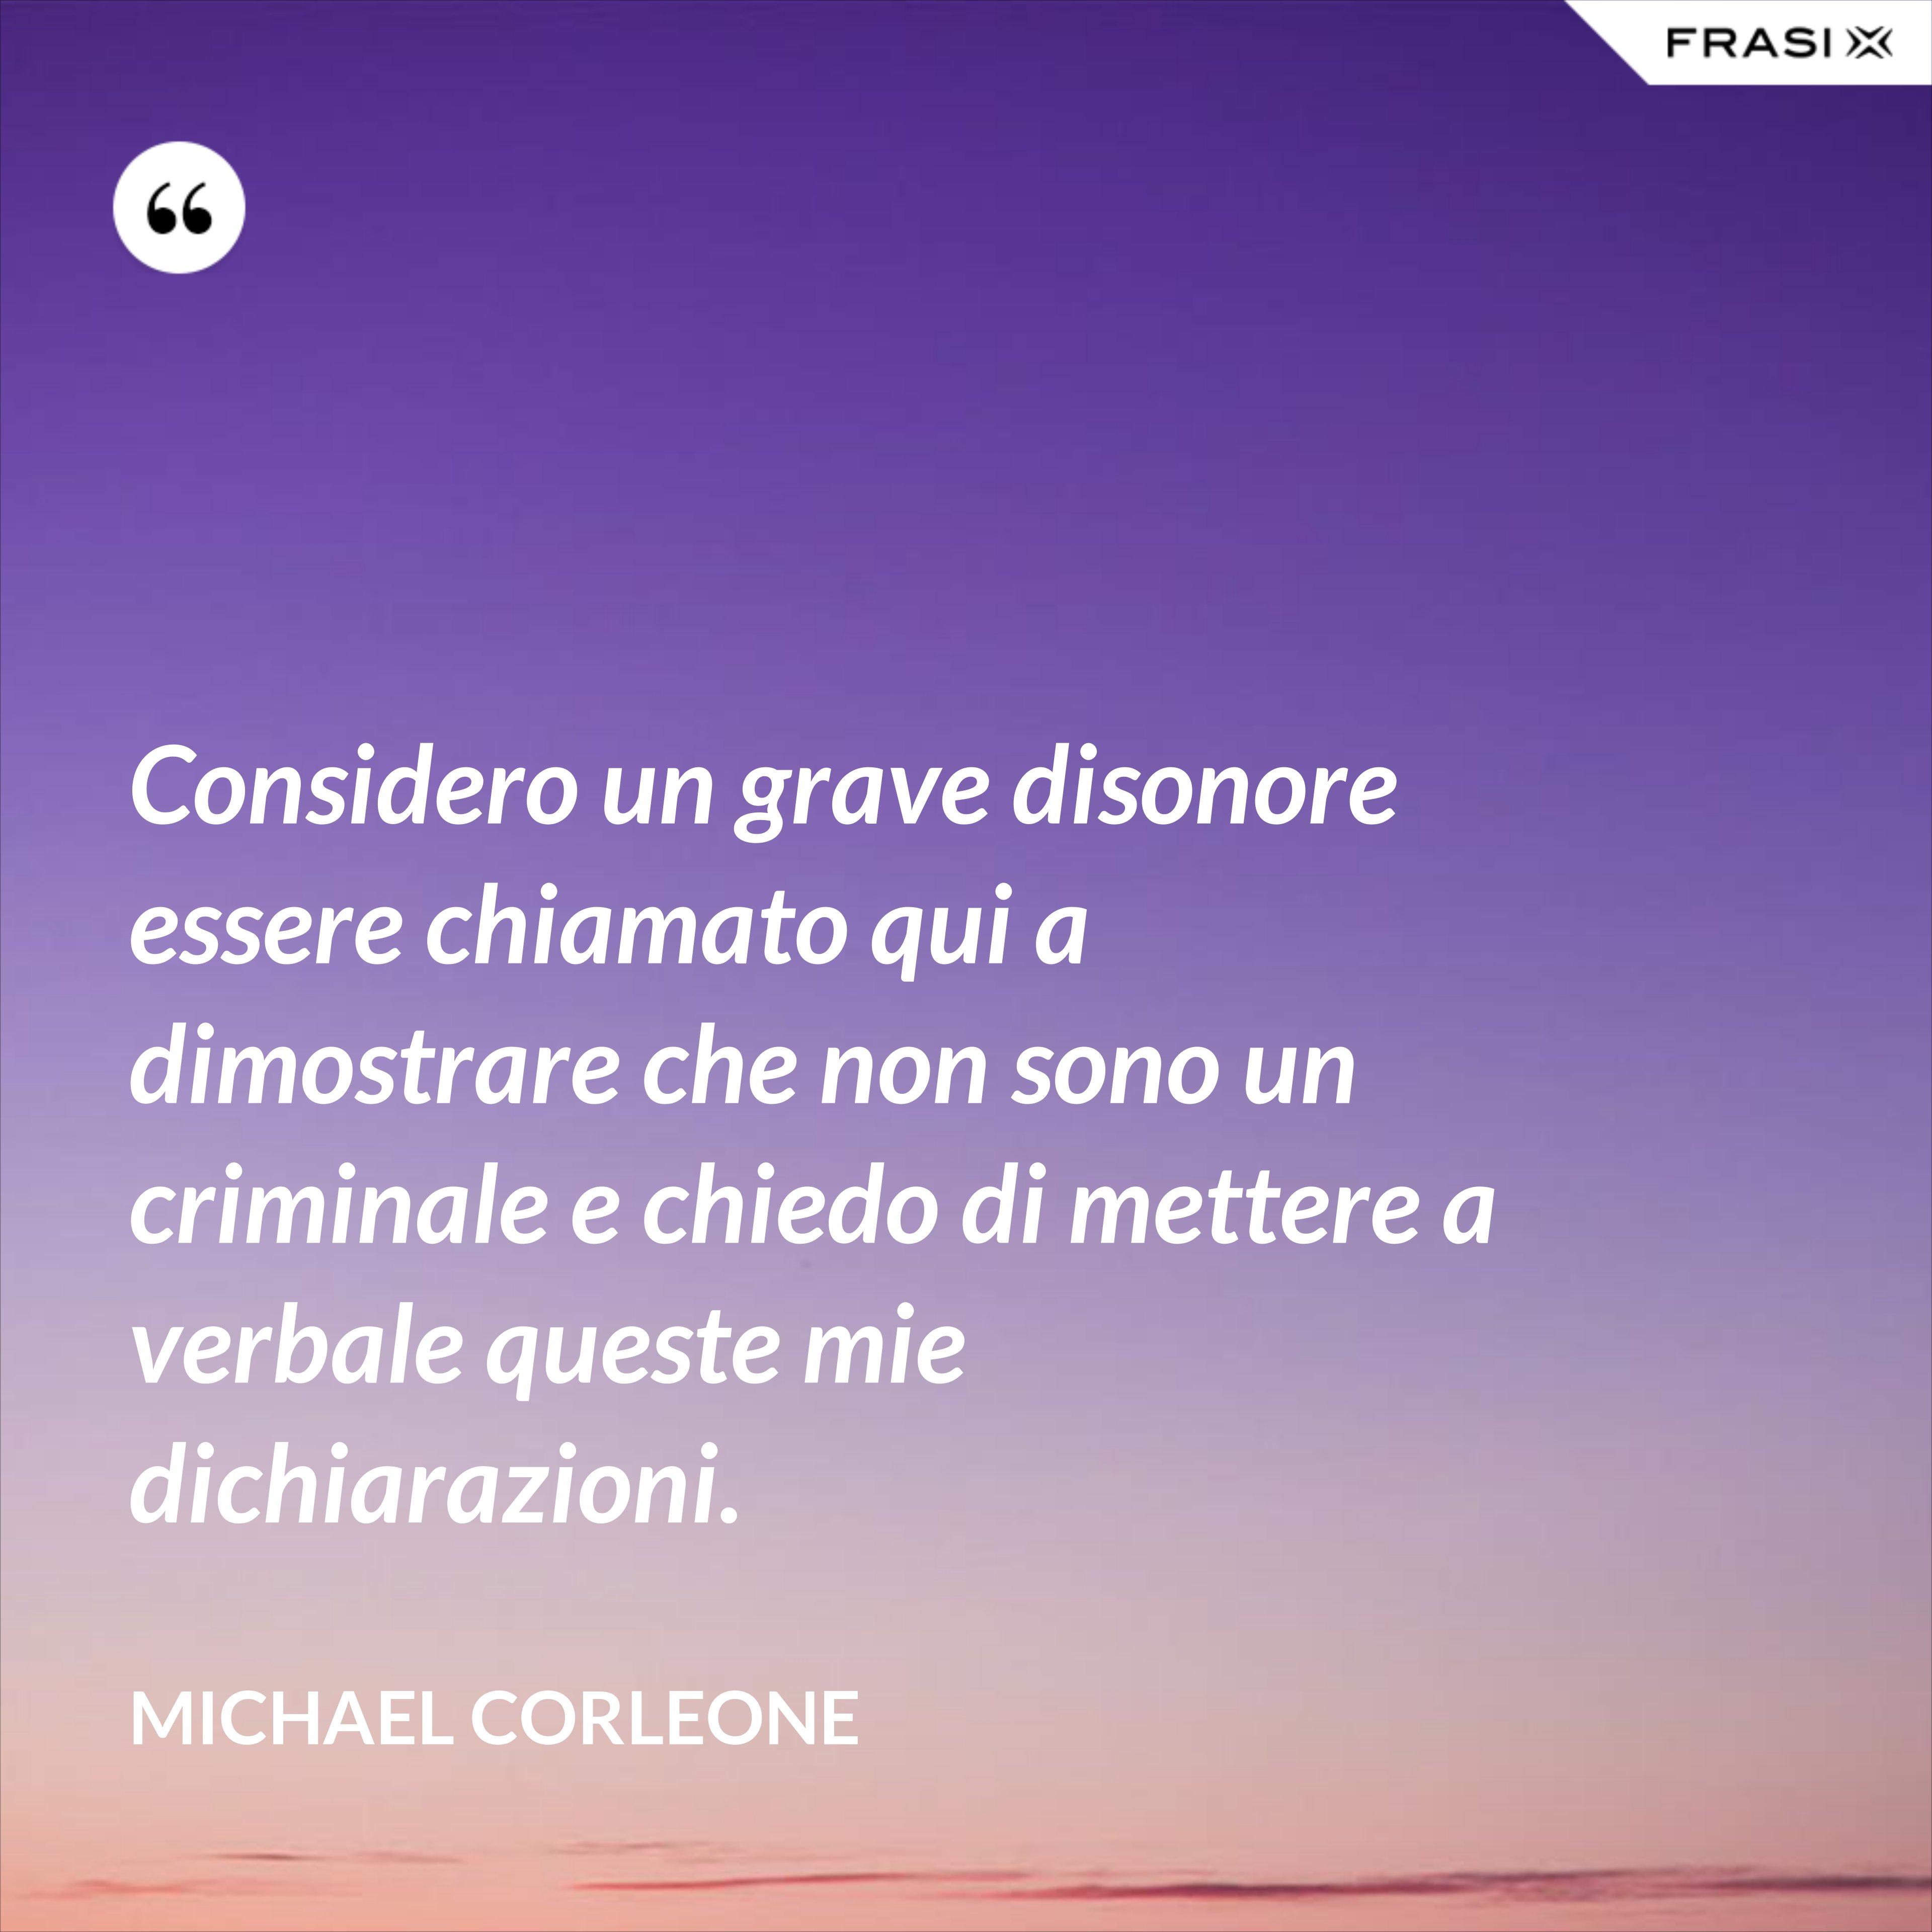 Considero un grave disonore essere chiamato qui a dimostrare che non sono un criminale e chiedo di mettere a verbale queste mie dichiarazioni. - Michael Corleone